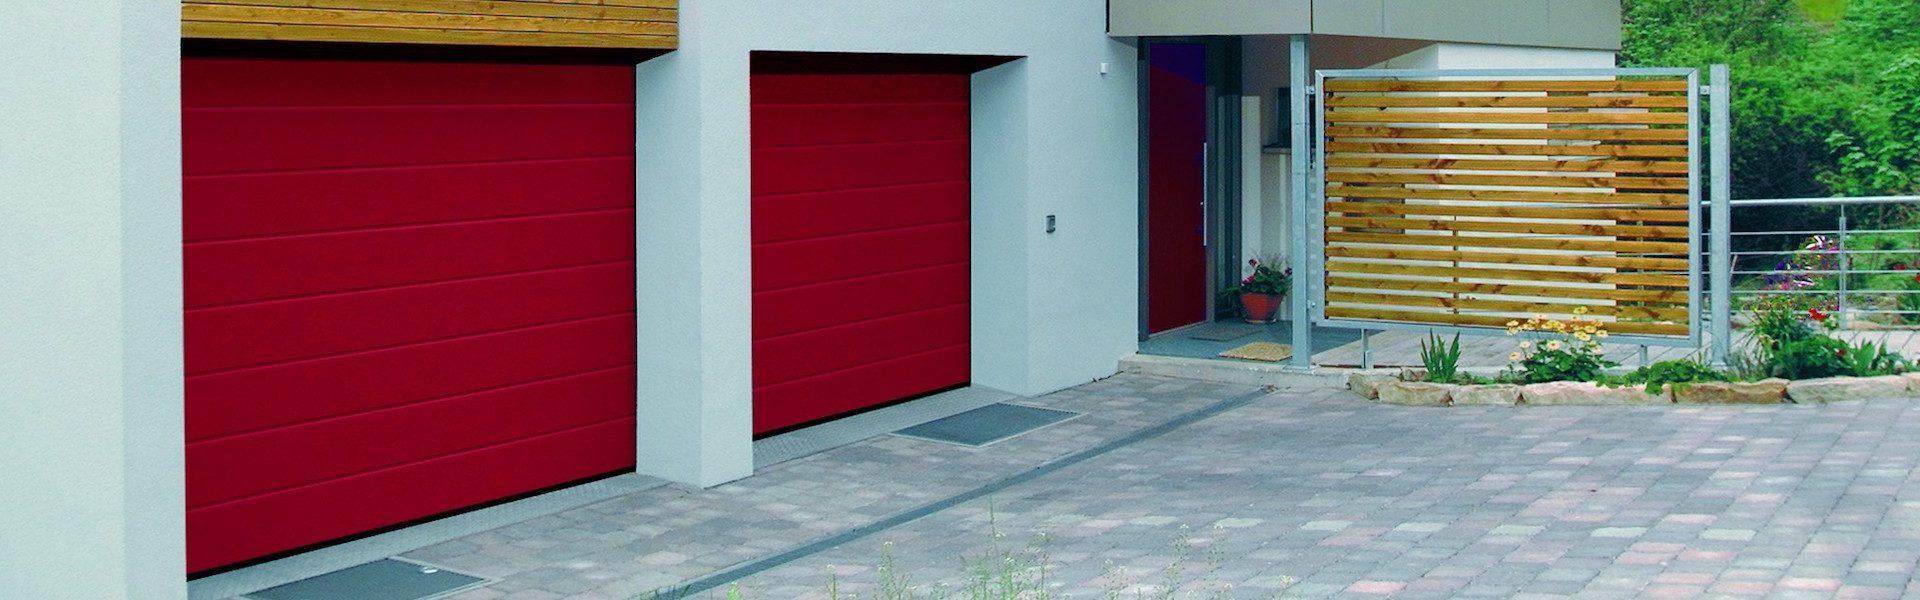 Thornhill Garage Door Repair 24 7 Garage Door Repair Thornhill